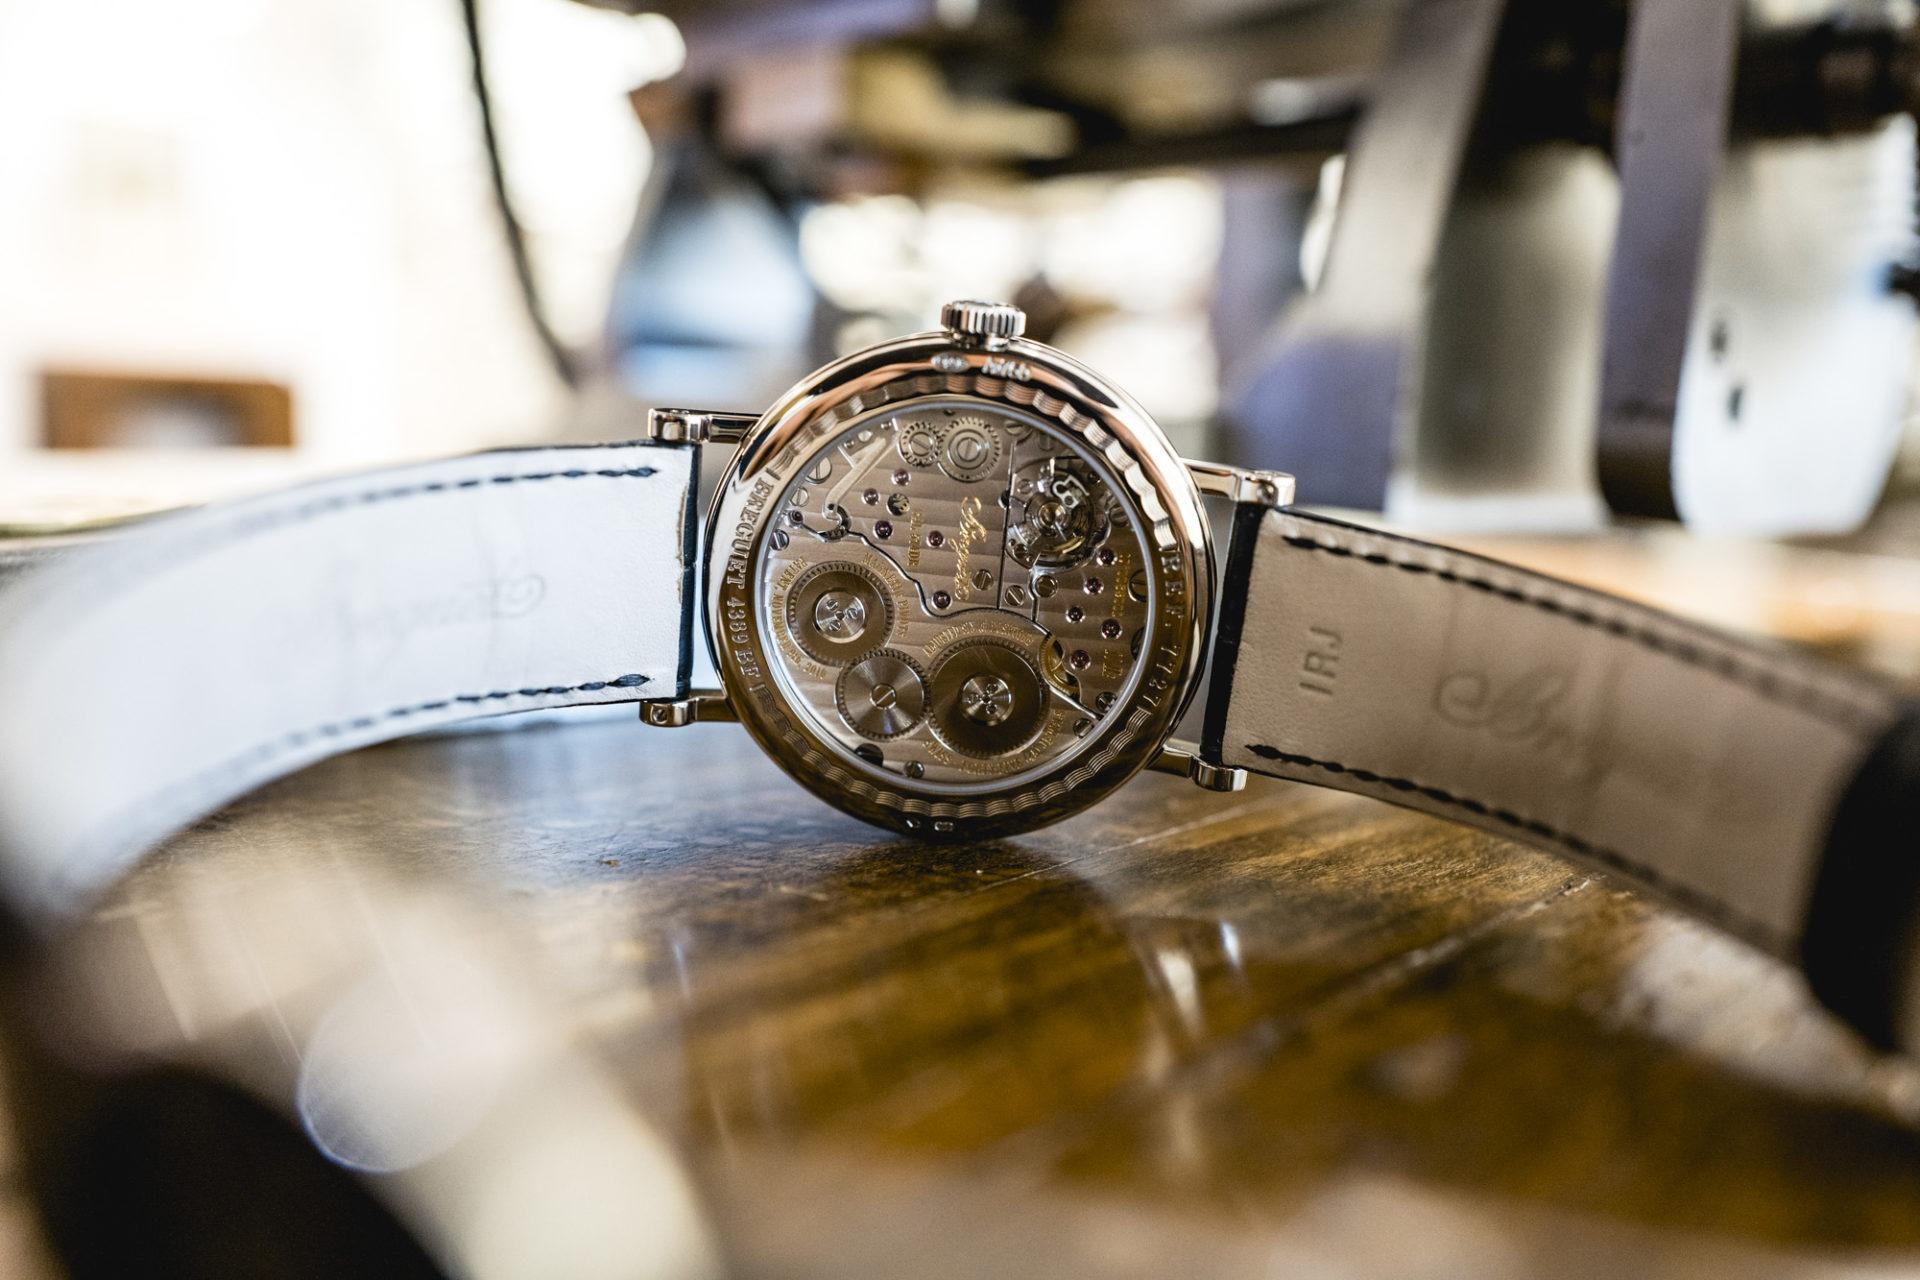 Breguet Classique Chronométrie 7727 - Calibre 574DR